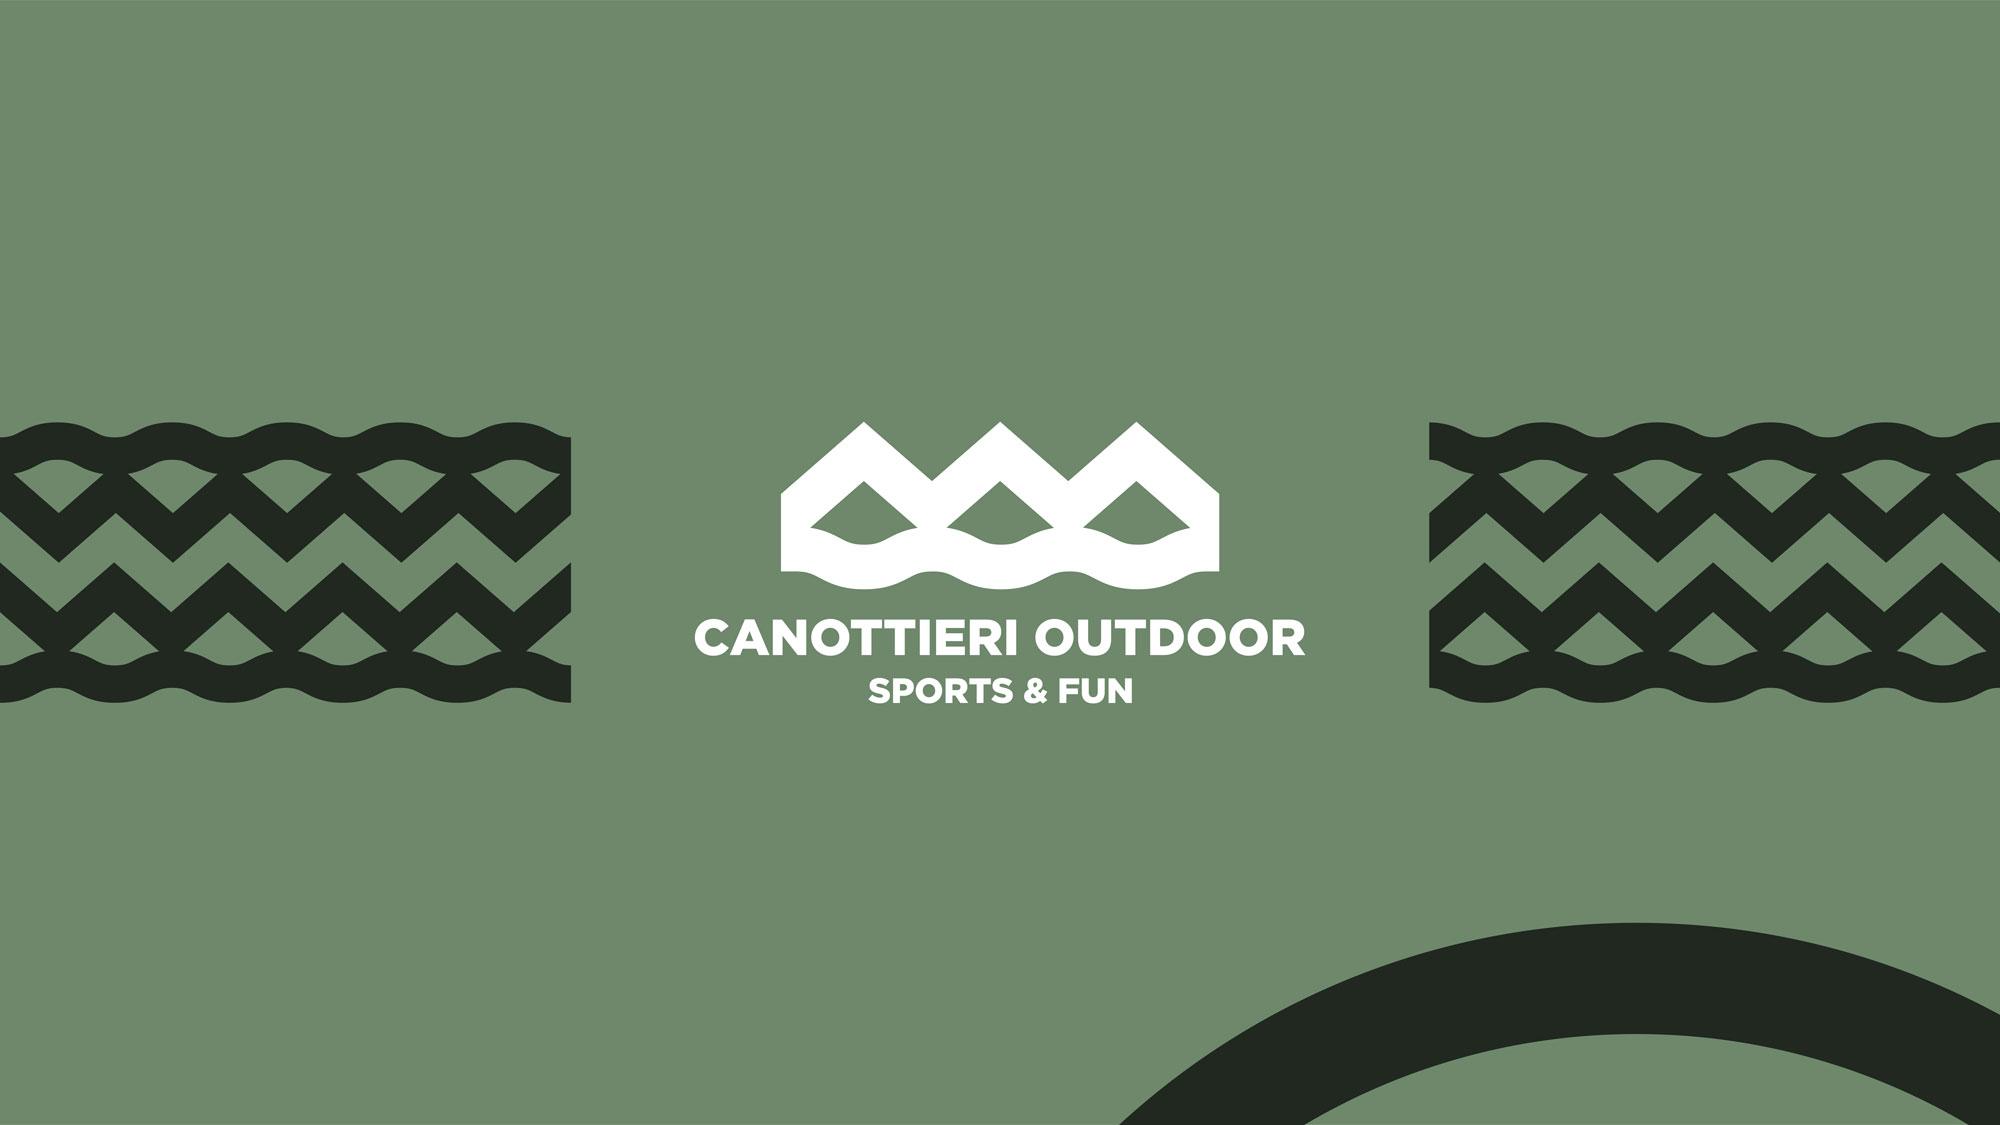 logo canottieri outdoor bianco su sfondo verde con pattern verde scuro